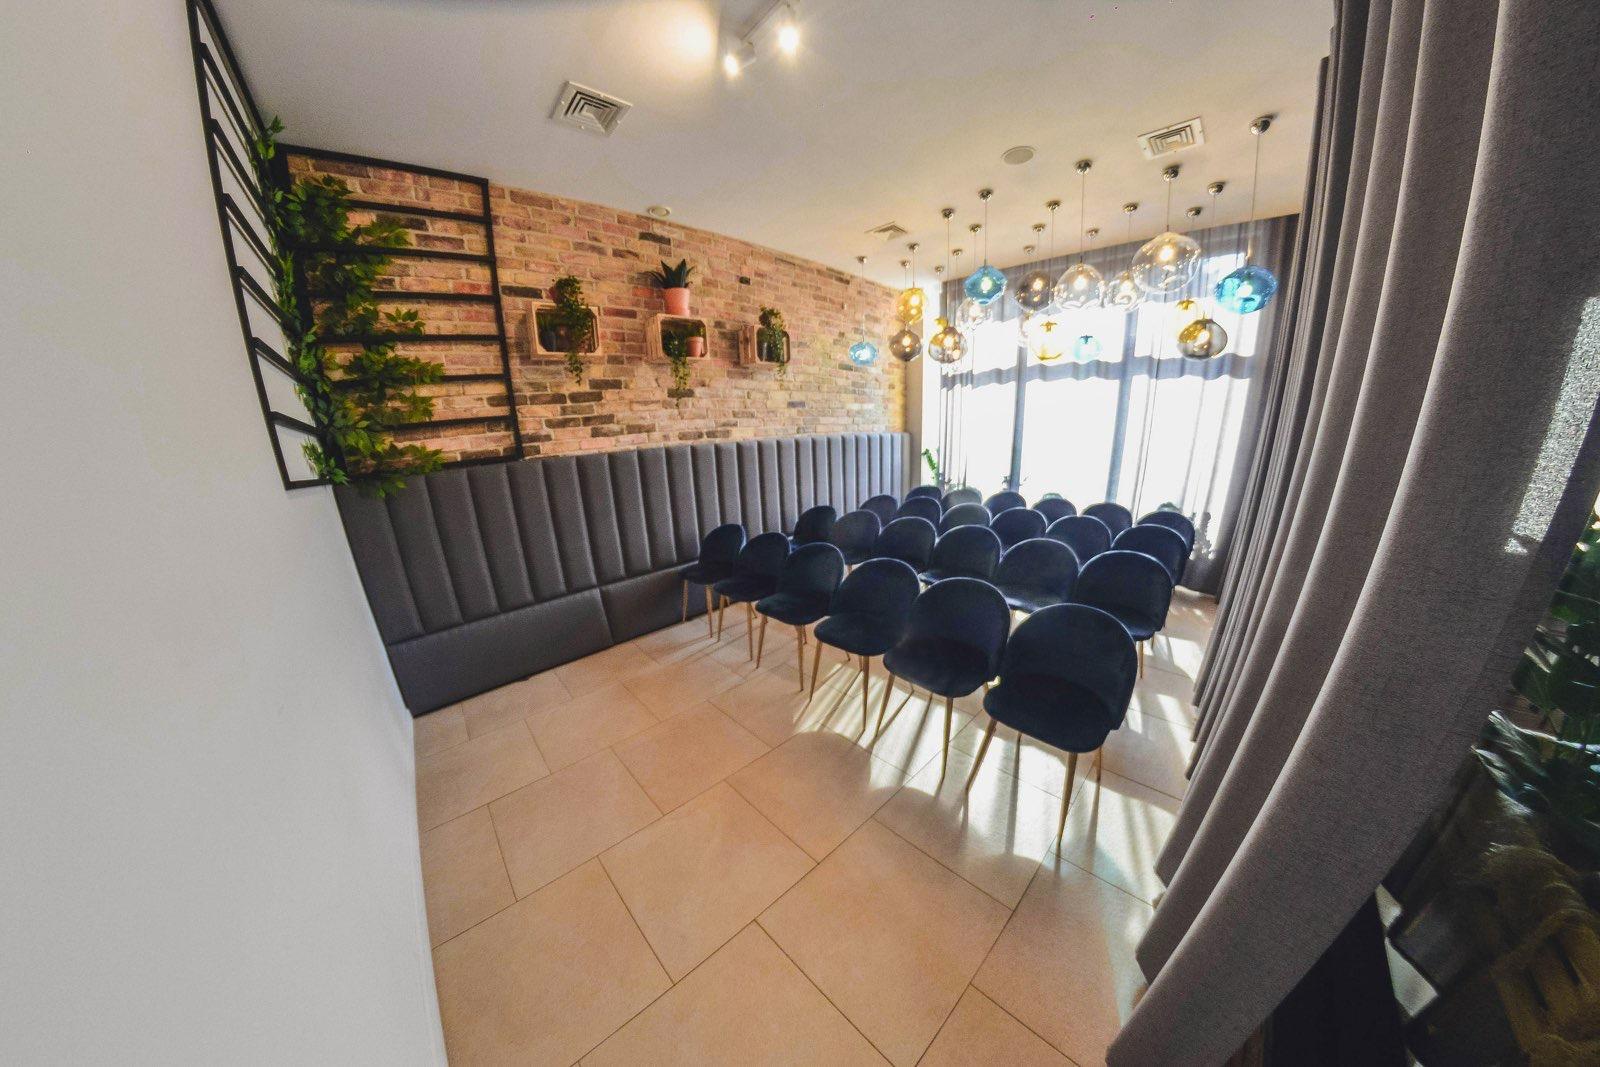 Sala szklana - ustawienie konferencyjne do 24 osób